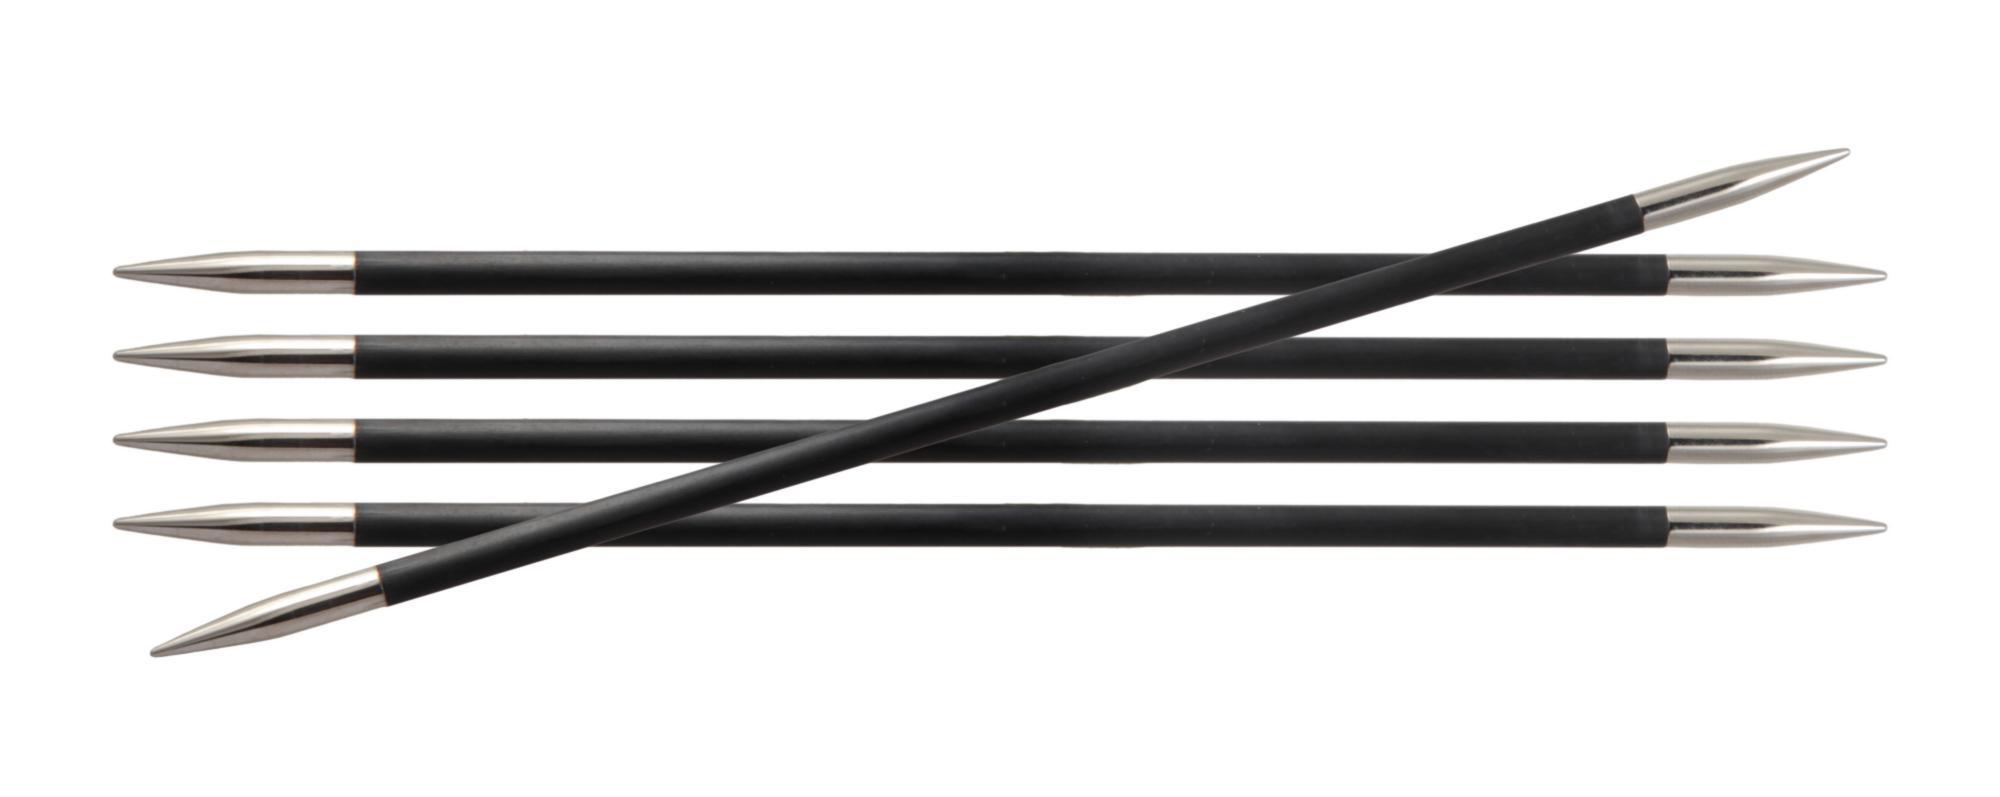 Спицы носочные 20 см Karbonz KnitPro, 41121, 1.25 мм